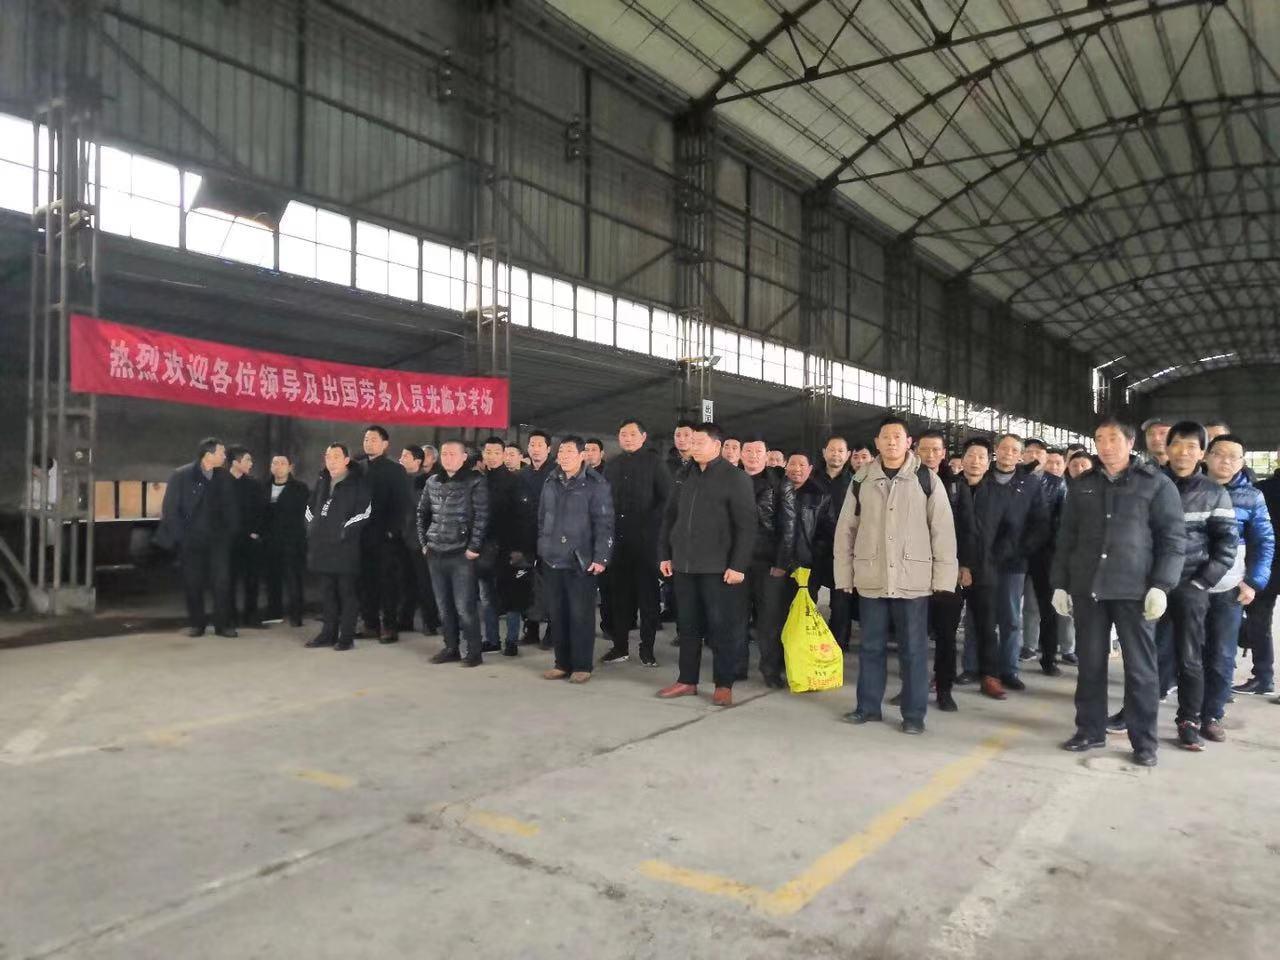 辽宁葫芦岛出国劳务诚招代理工厂农场建筑年薪45万